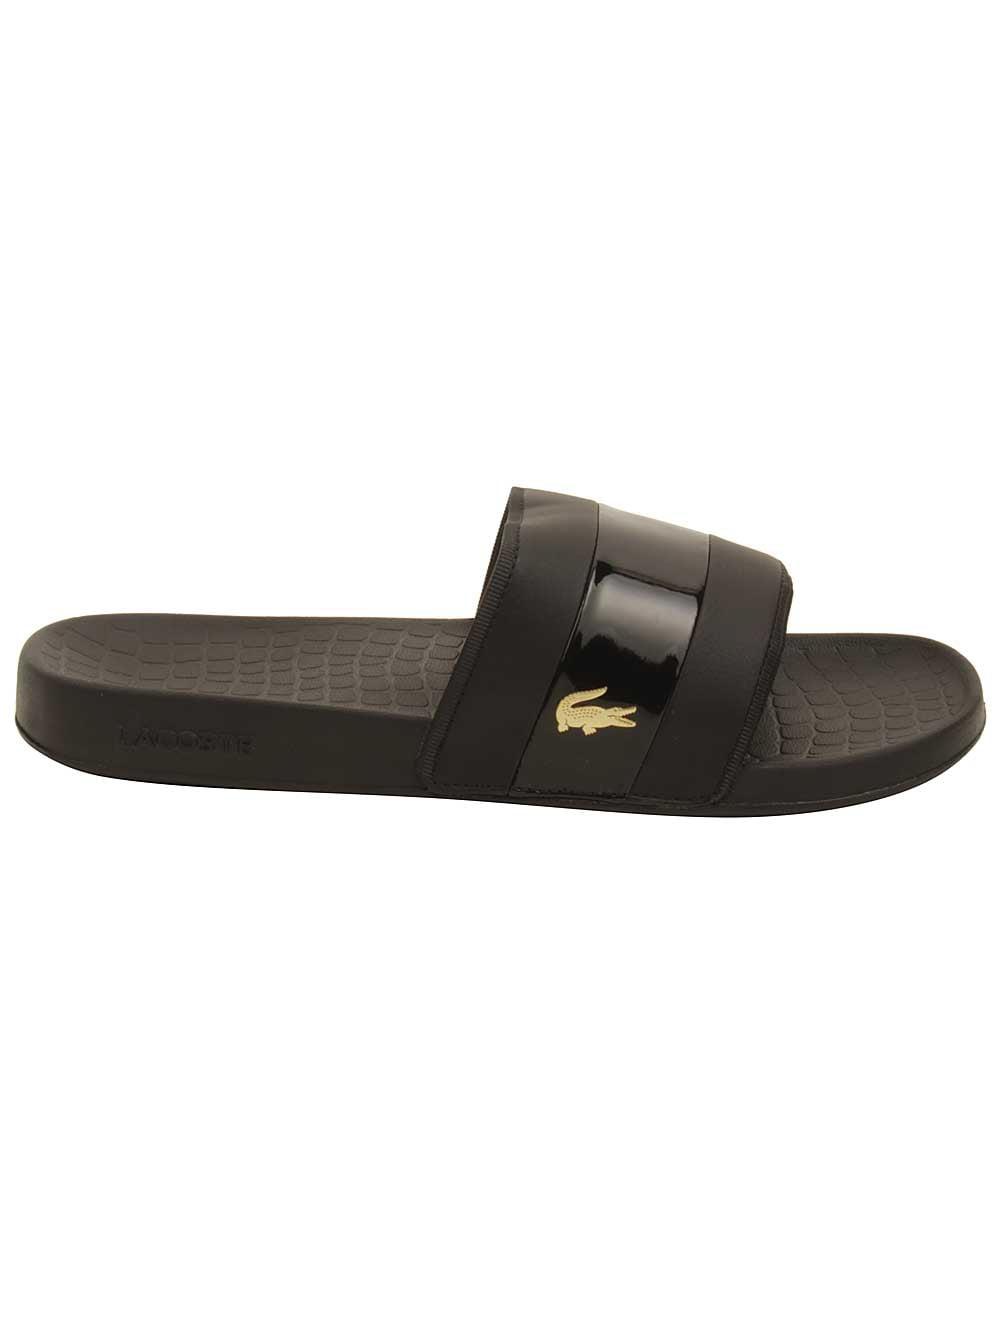 Lacoste Men's Fraisier 118 1 U Slide Sandal